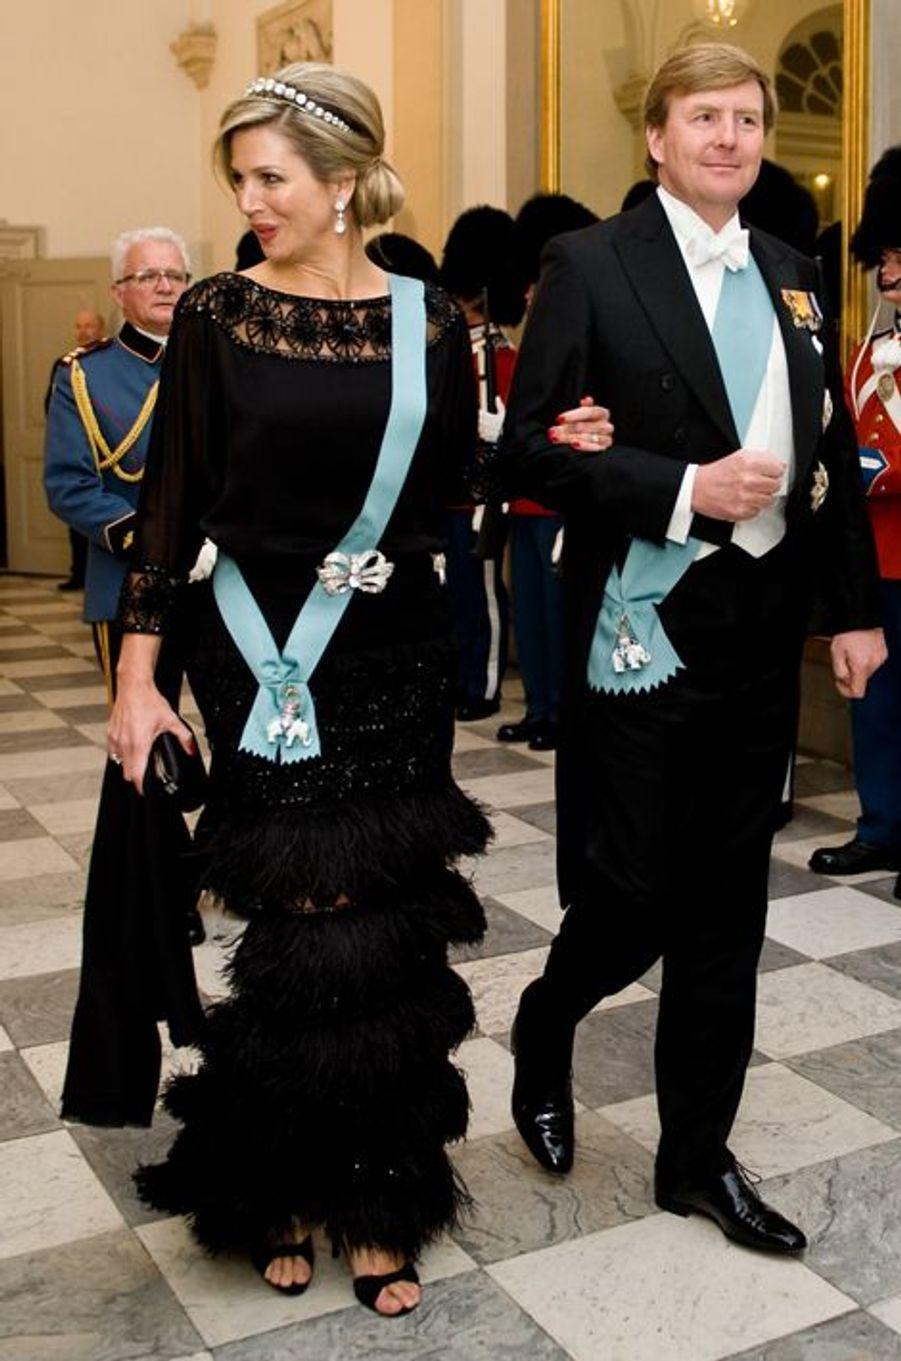 Le roi Willem-Alexander des Pays-Bas et la reine Maxima à Copenhague, le 15 avril 2015